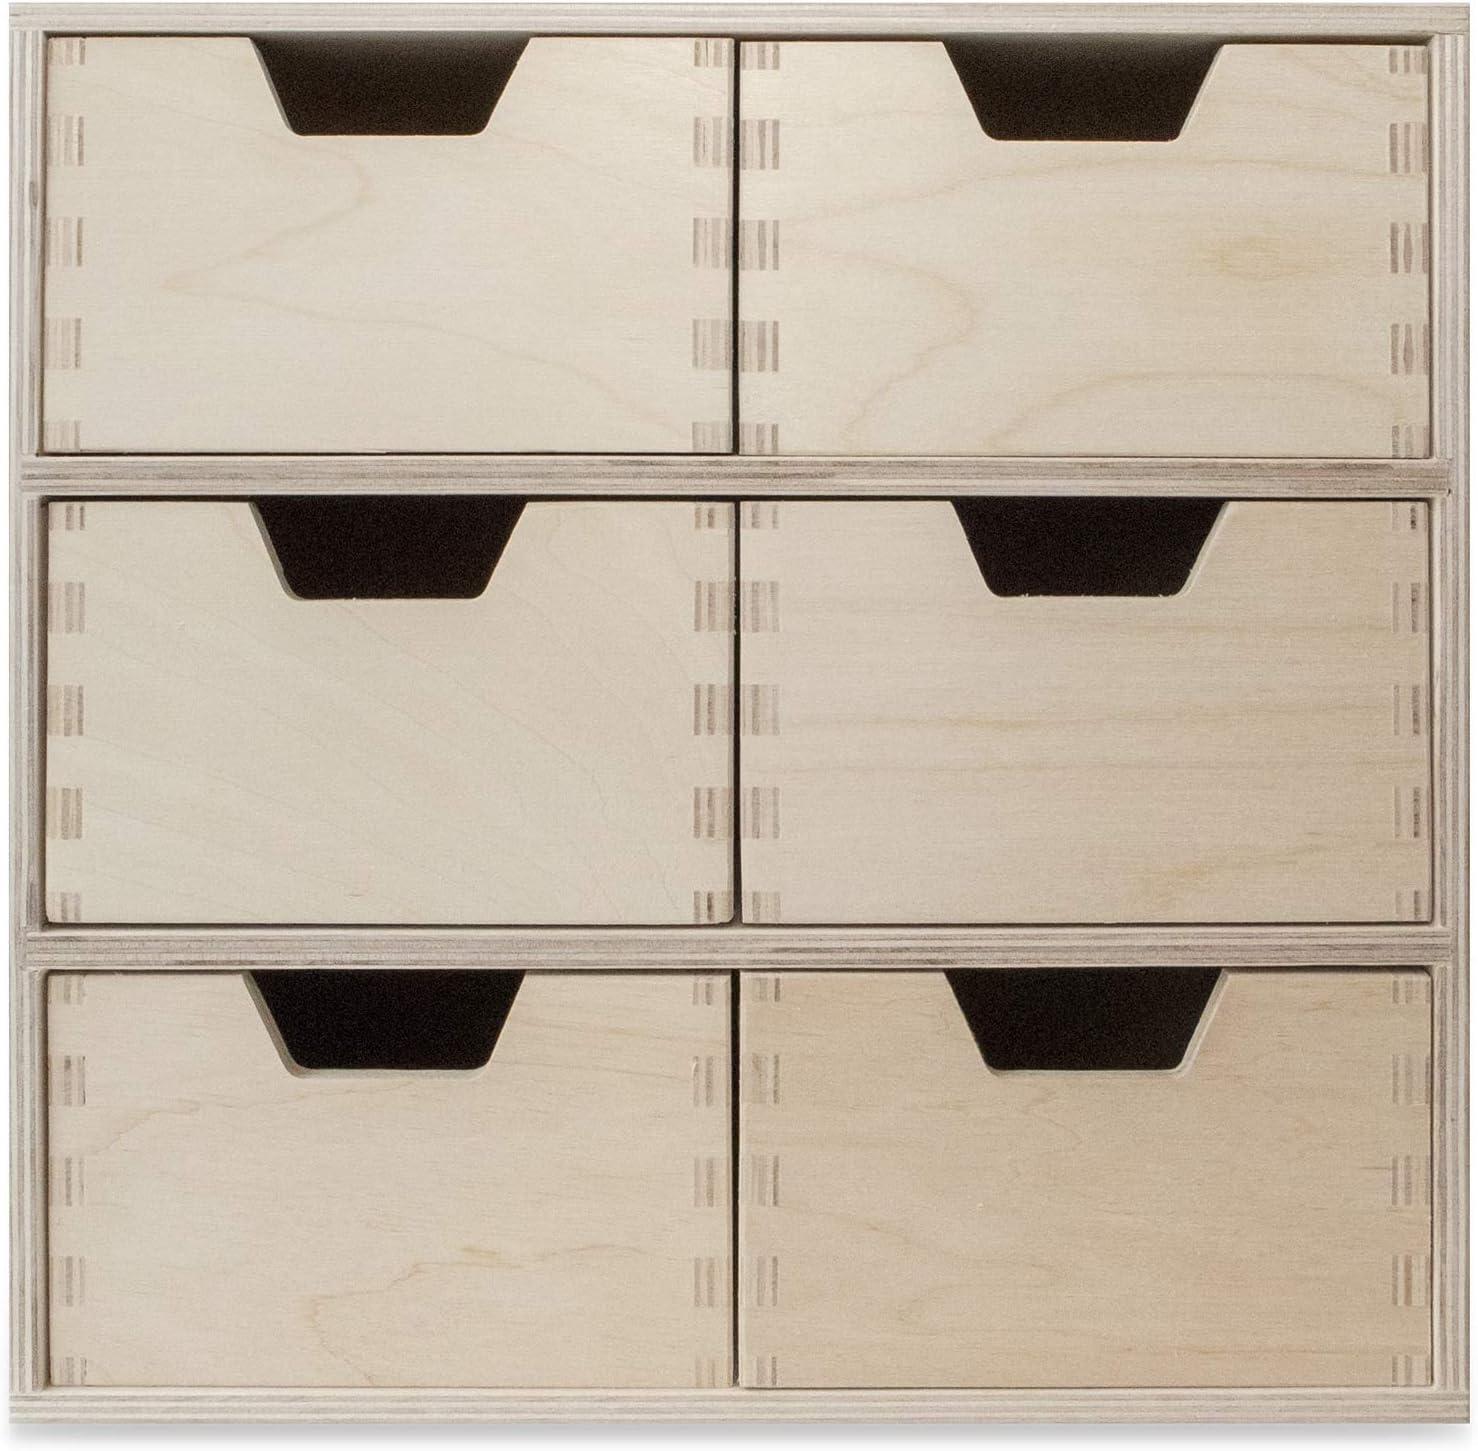 Creative Deco Schubladen-Box aus Birken-Sperrholz Perfektes Ordnungssystem f/ür Lagerung 6 Schubladen 28,5 x 20 x 28,5 cm Decoupage /& Dekoration Mini-Kommode f/ür Kleinigkeiten